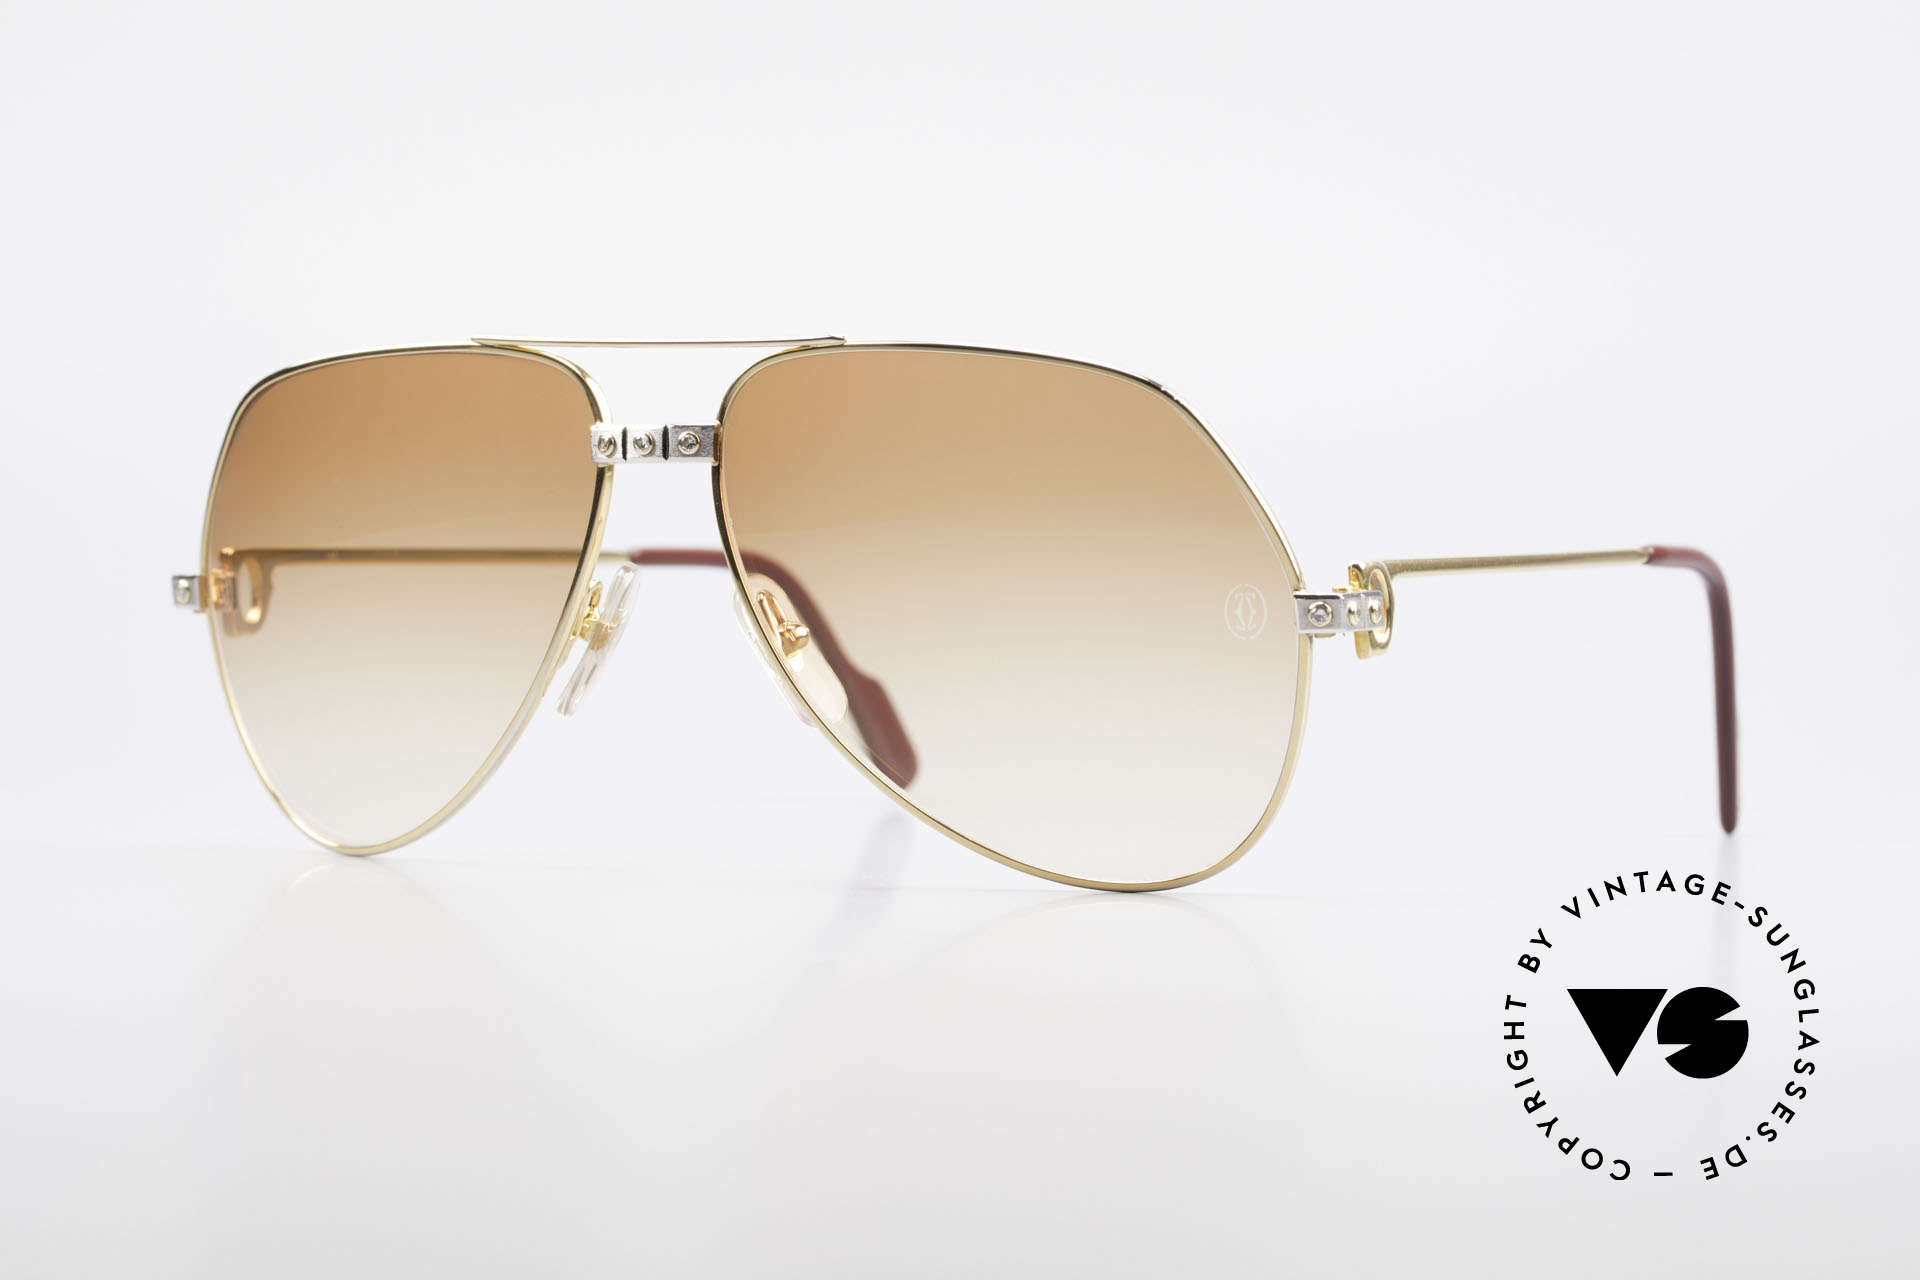 Cartier Vendome Santos - L Luxus Diamanten Sonnenbrille, vintage Cartier Diamanten-Sonnenbrille aus den 80ern, Passend für Herren